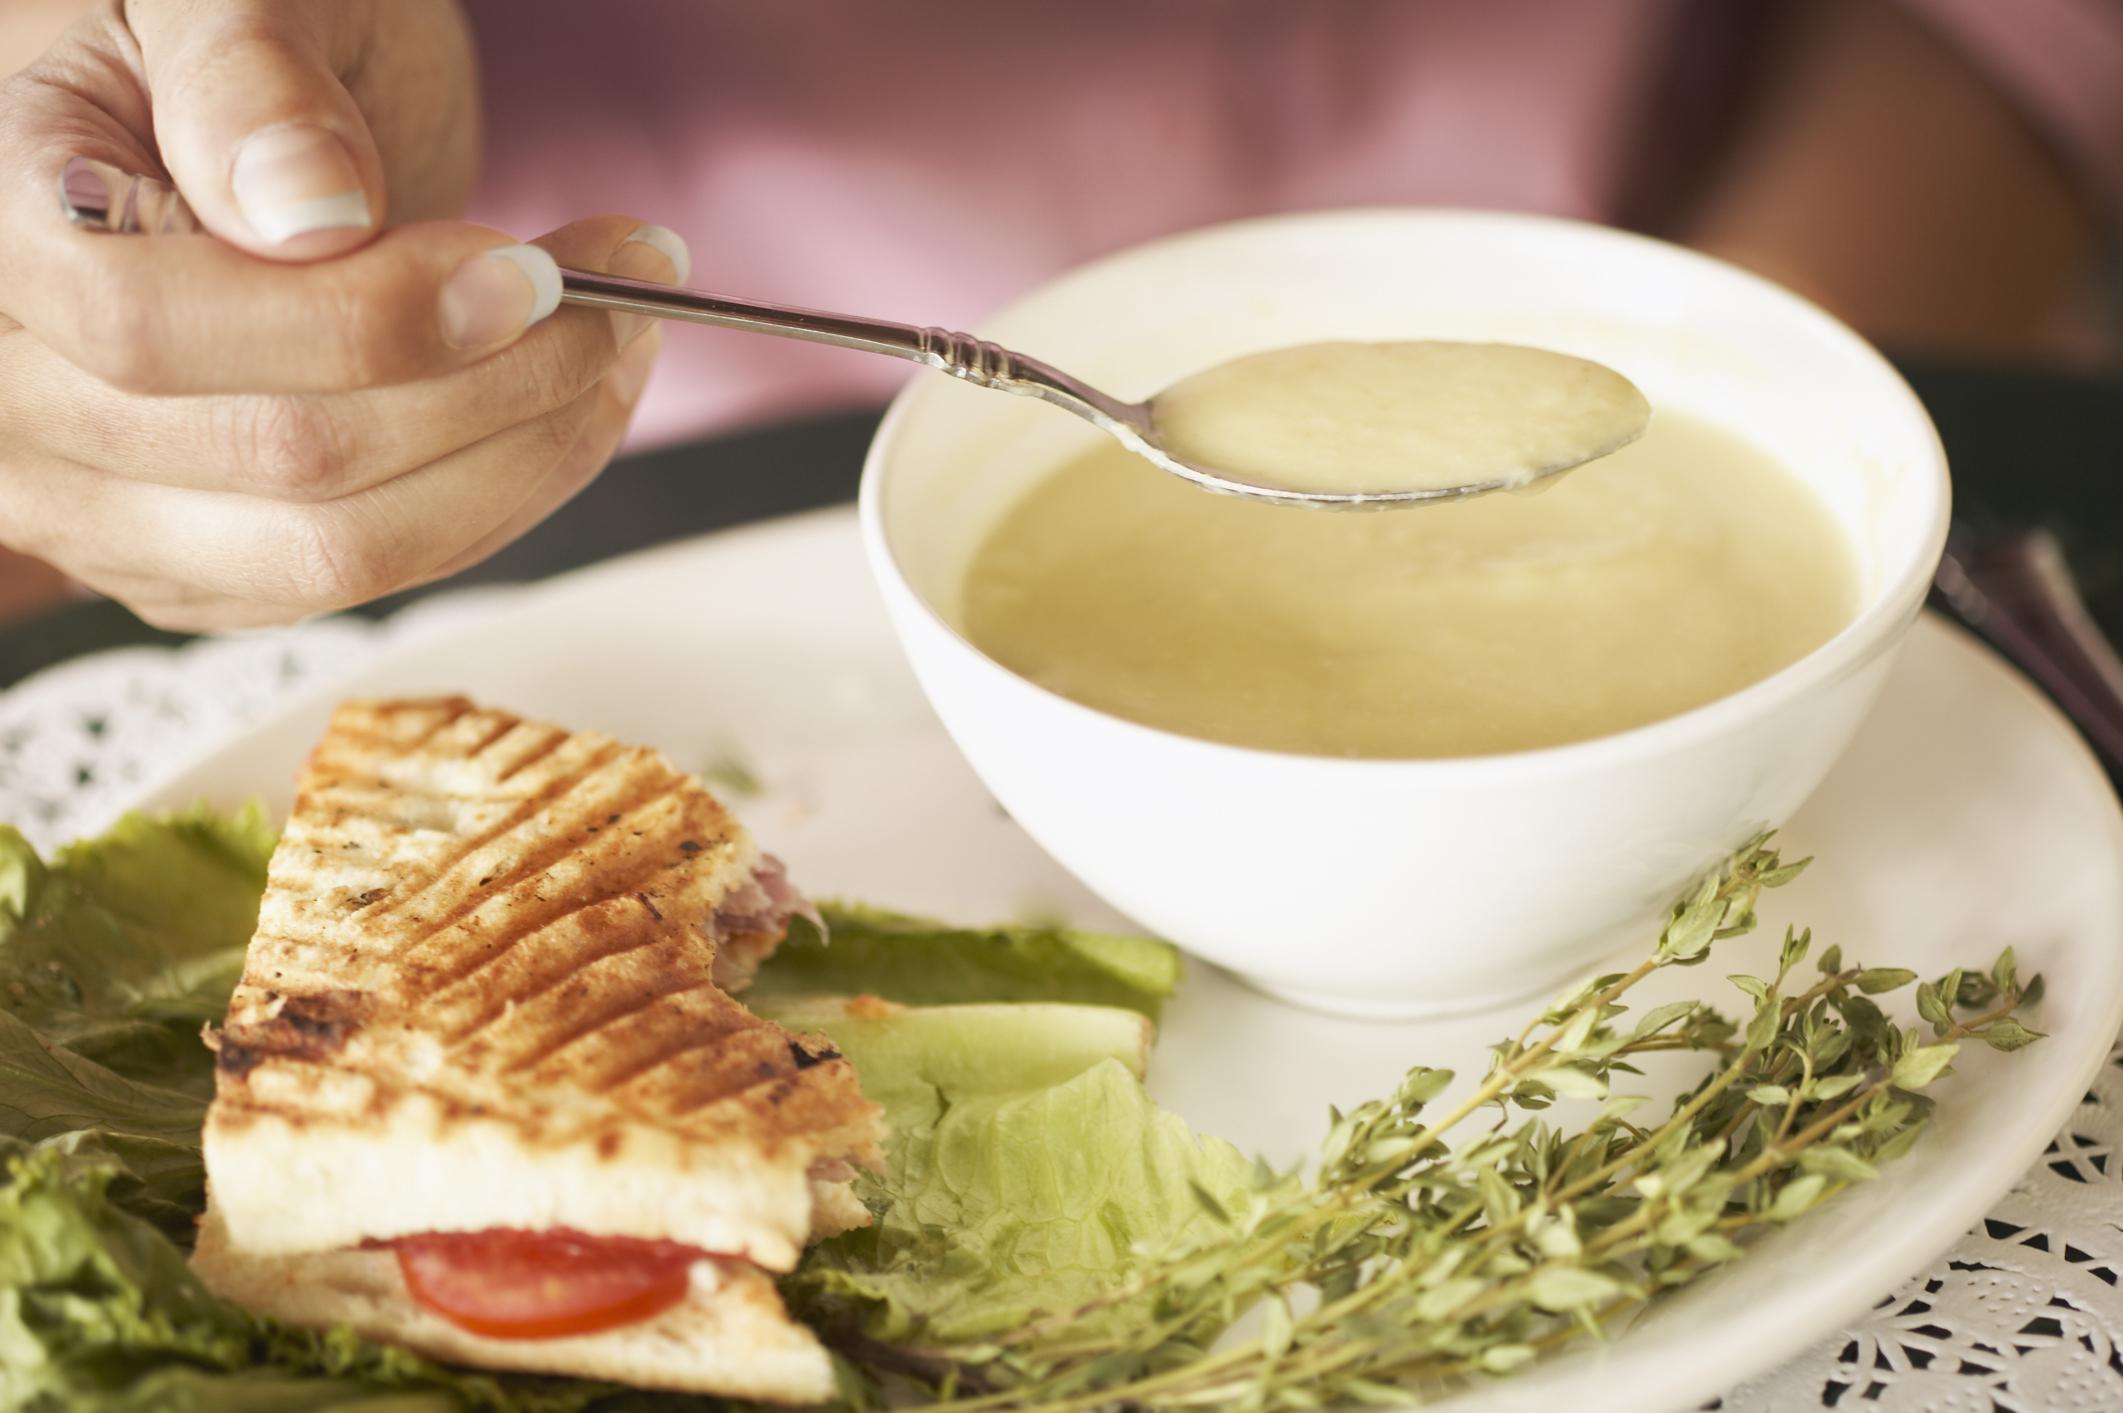 Summer food 25 warm weather dishes cnn travel forumfinder Gallery